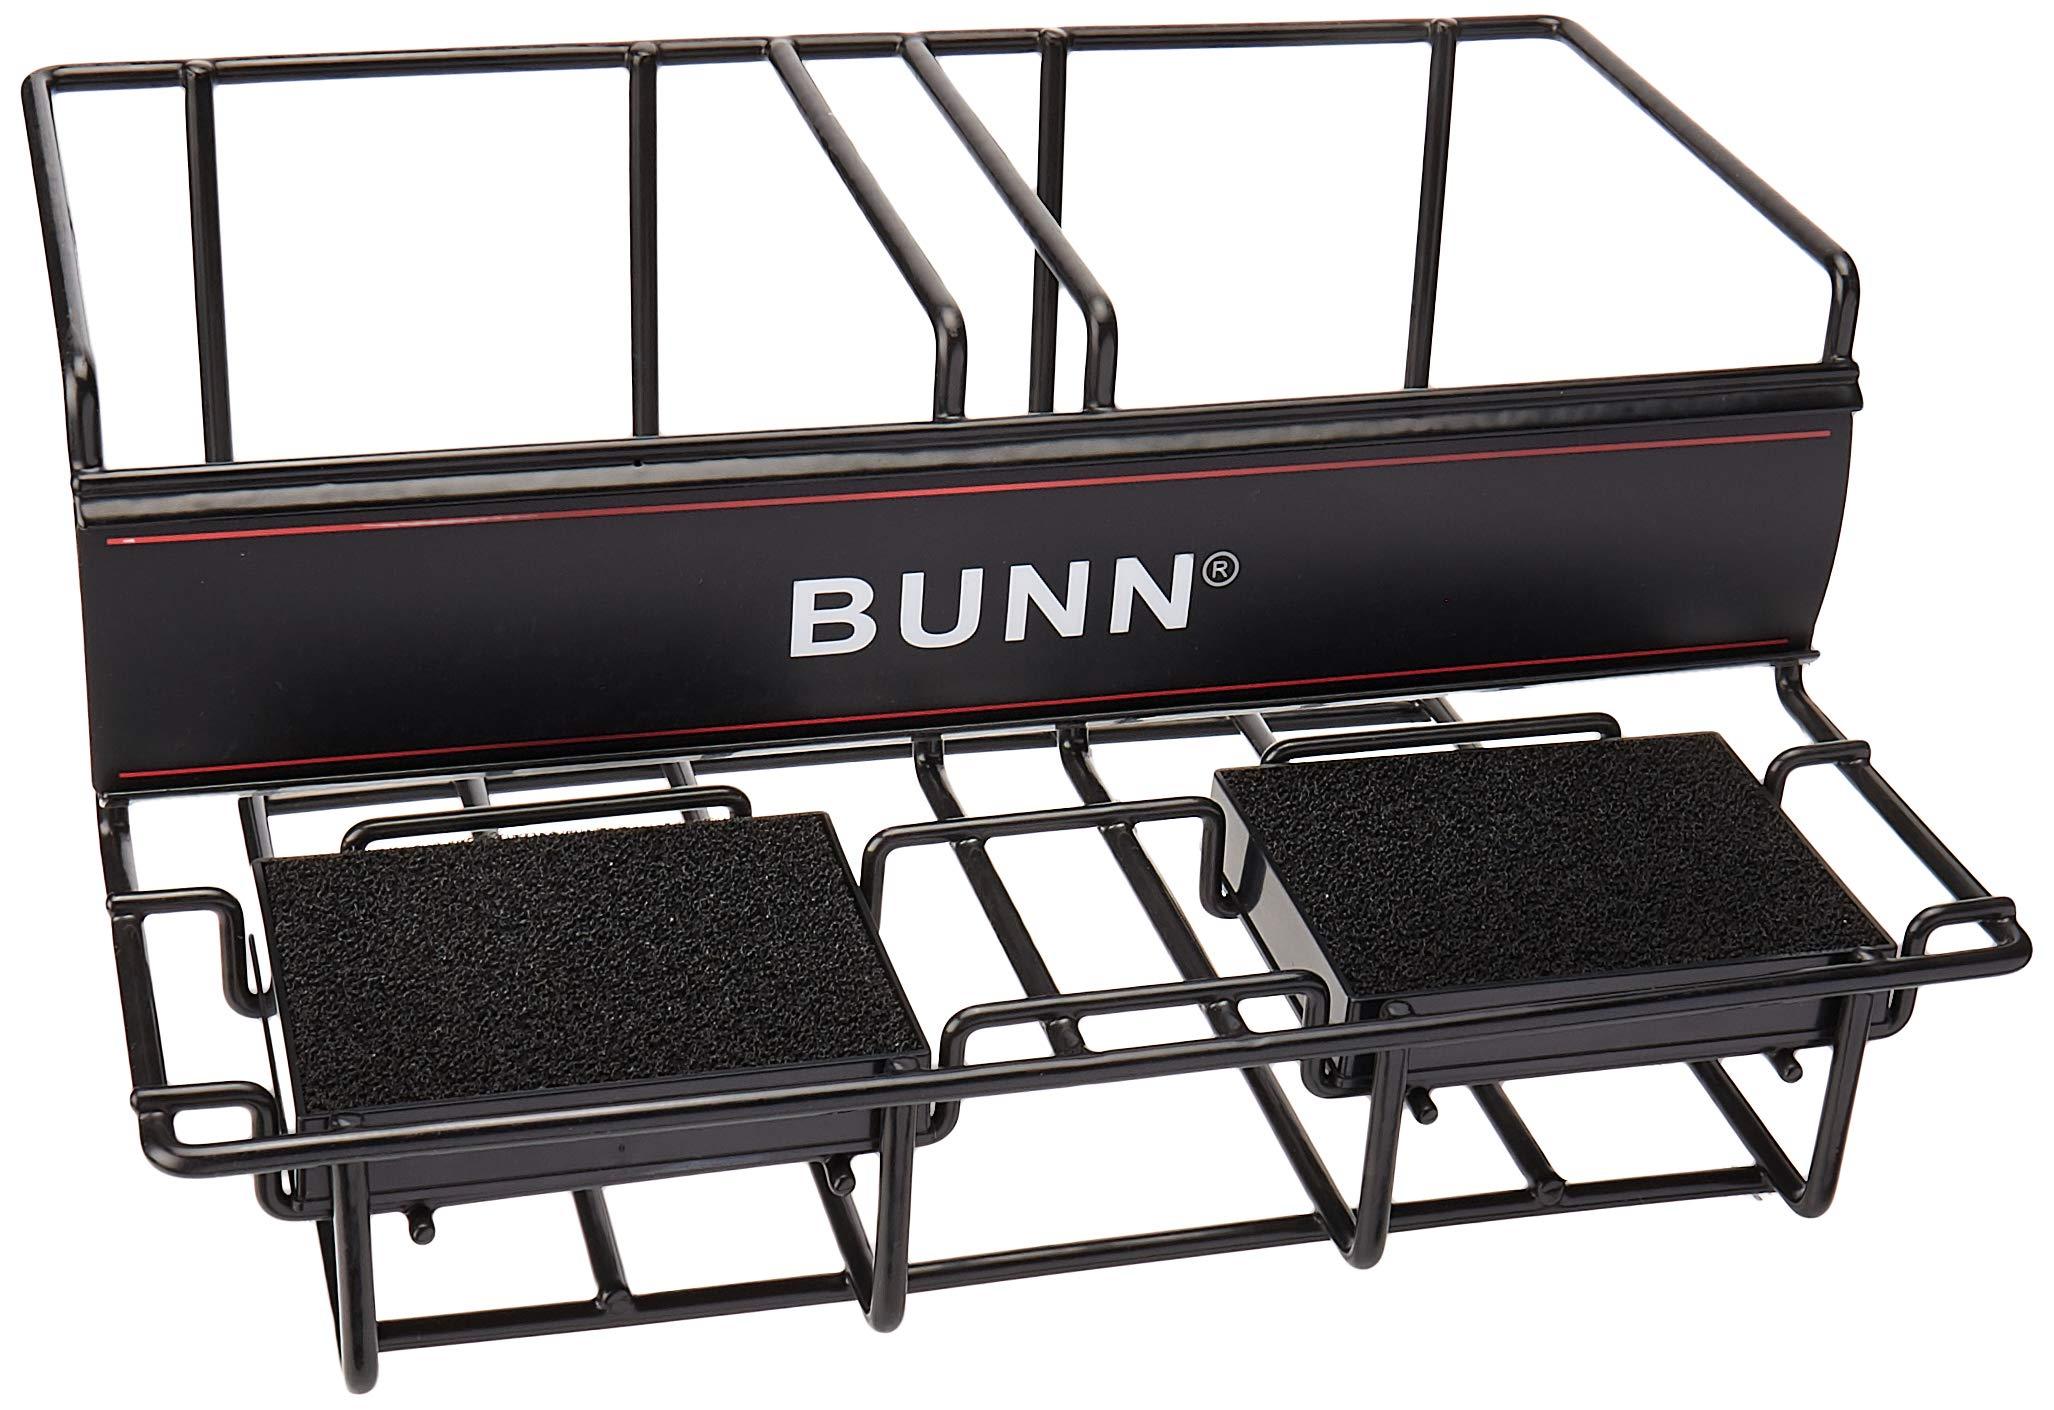 BUNN 35728 2 Lower Universal Airpot Rack, Stainless Steel by BUNN